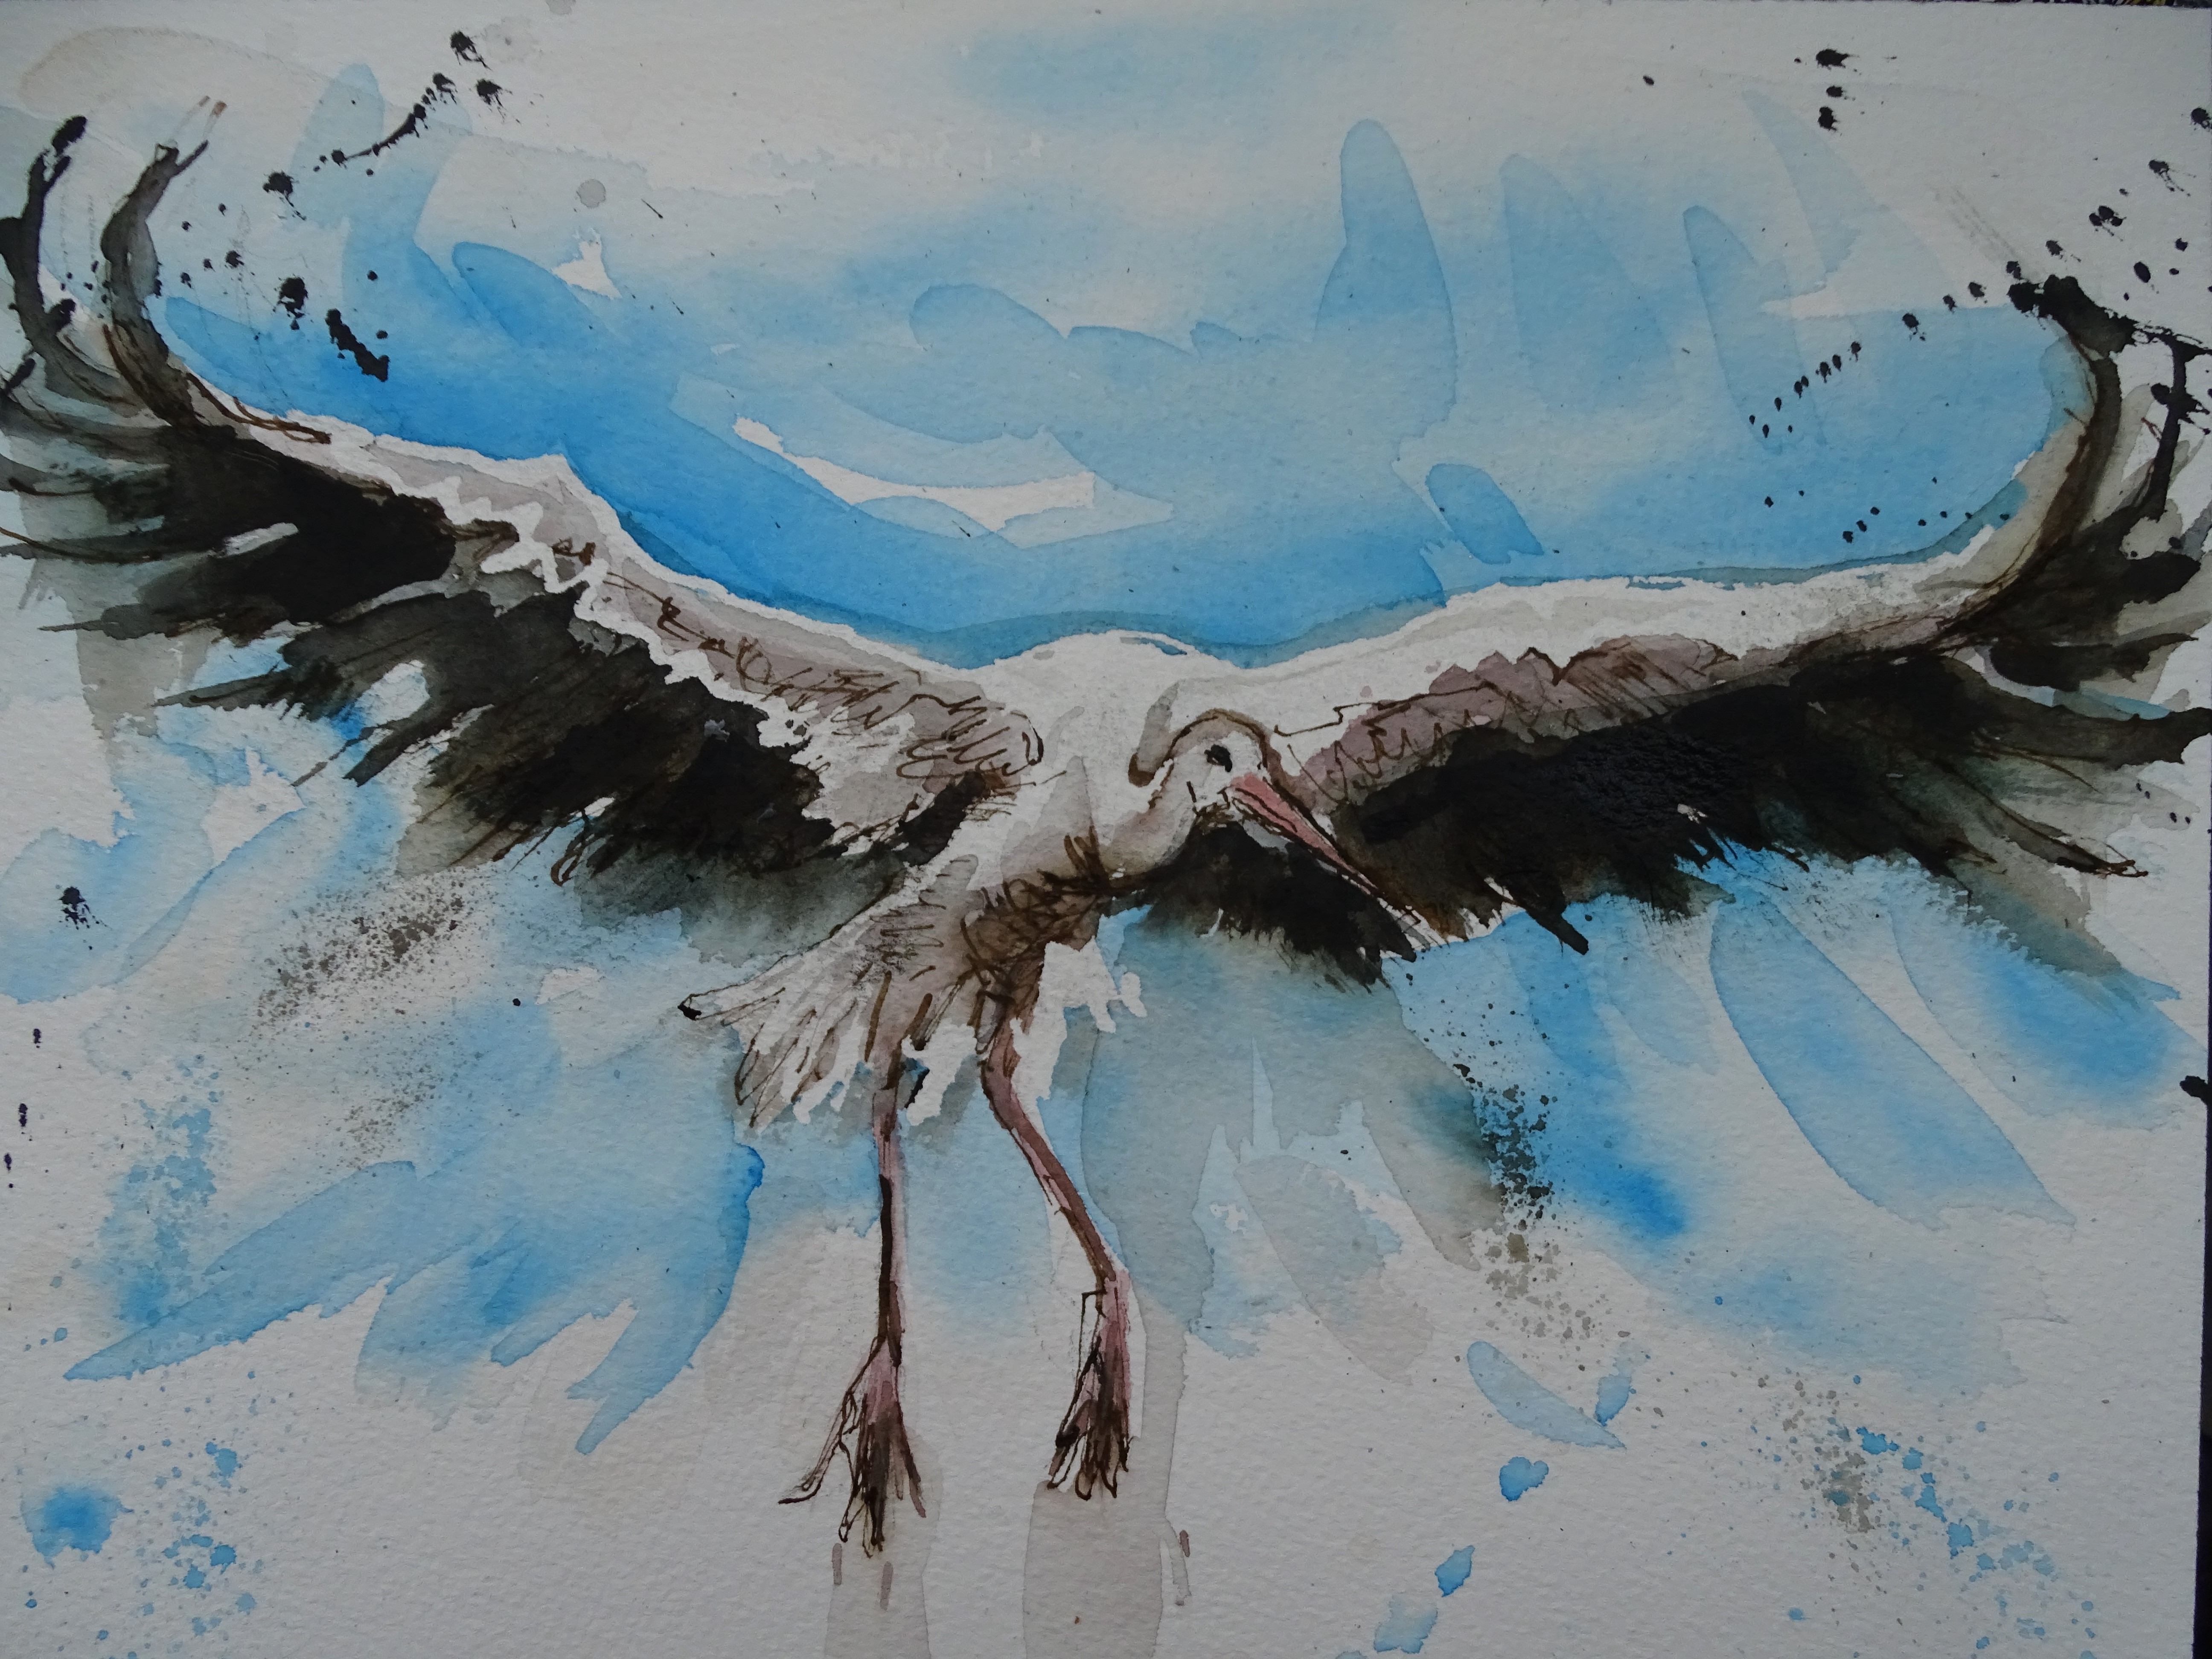 Cigogne-Stork-Aquarell-Fliegender-Storch-Nadia-Baumgart